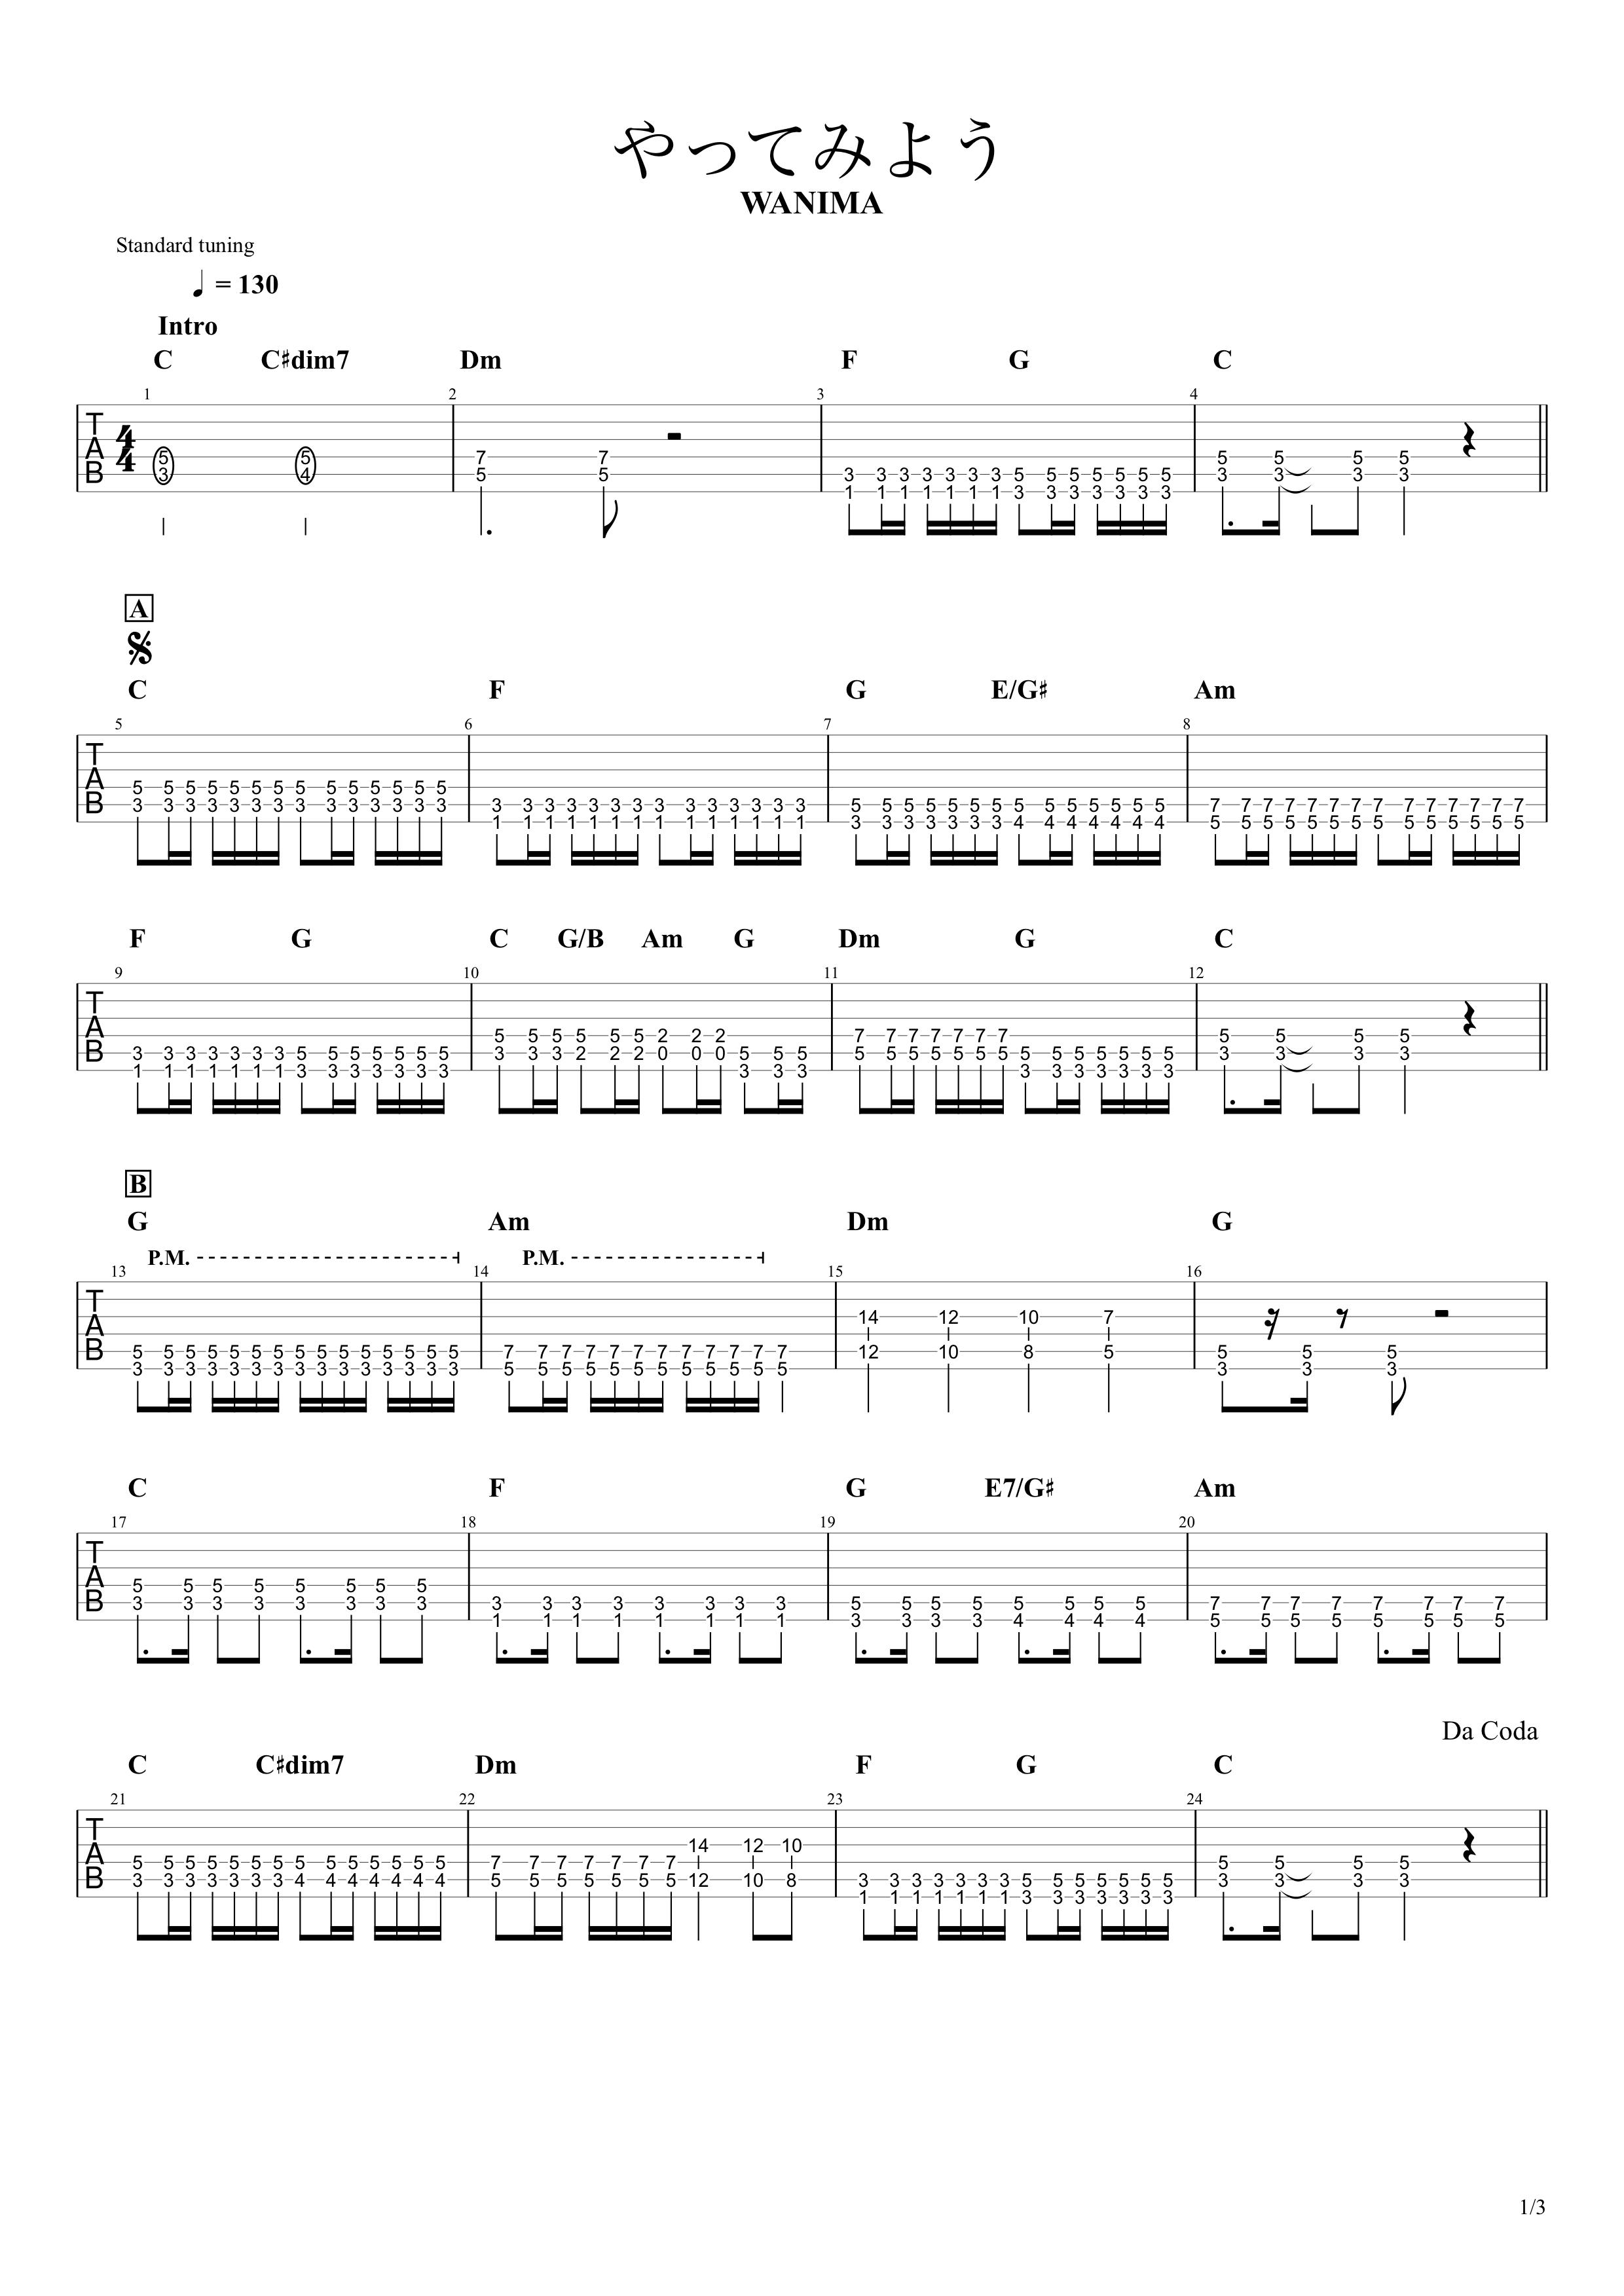 やってみよう/WANIMA ギタータブ譜 ほぼパワーコードで弾くアレンジVer.01